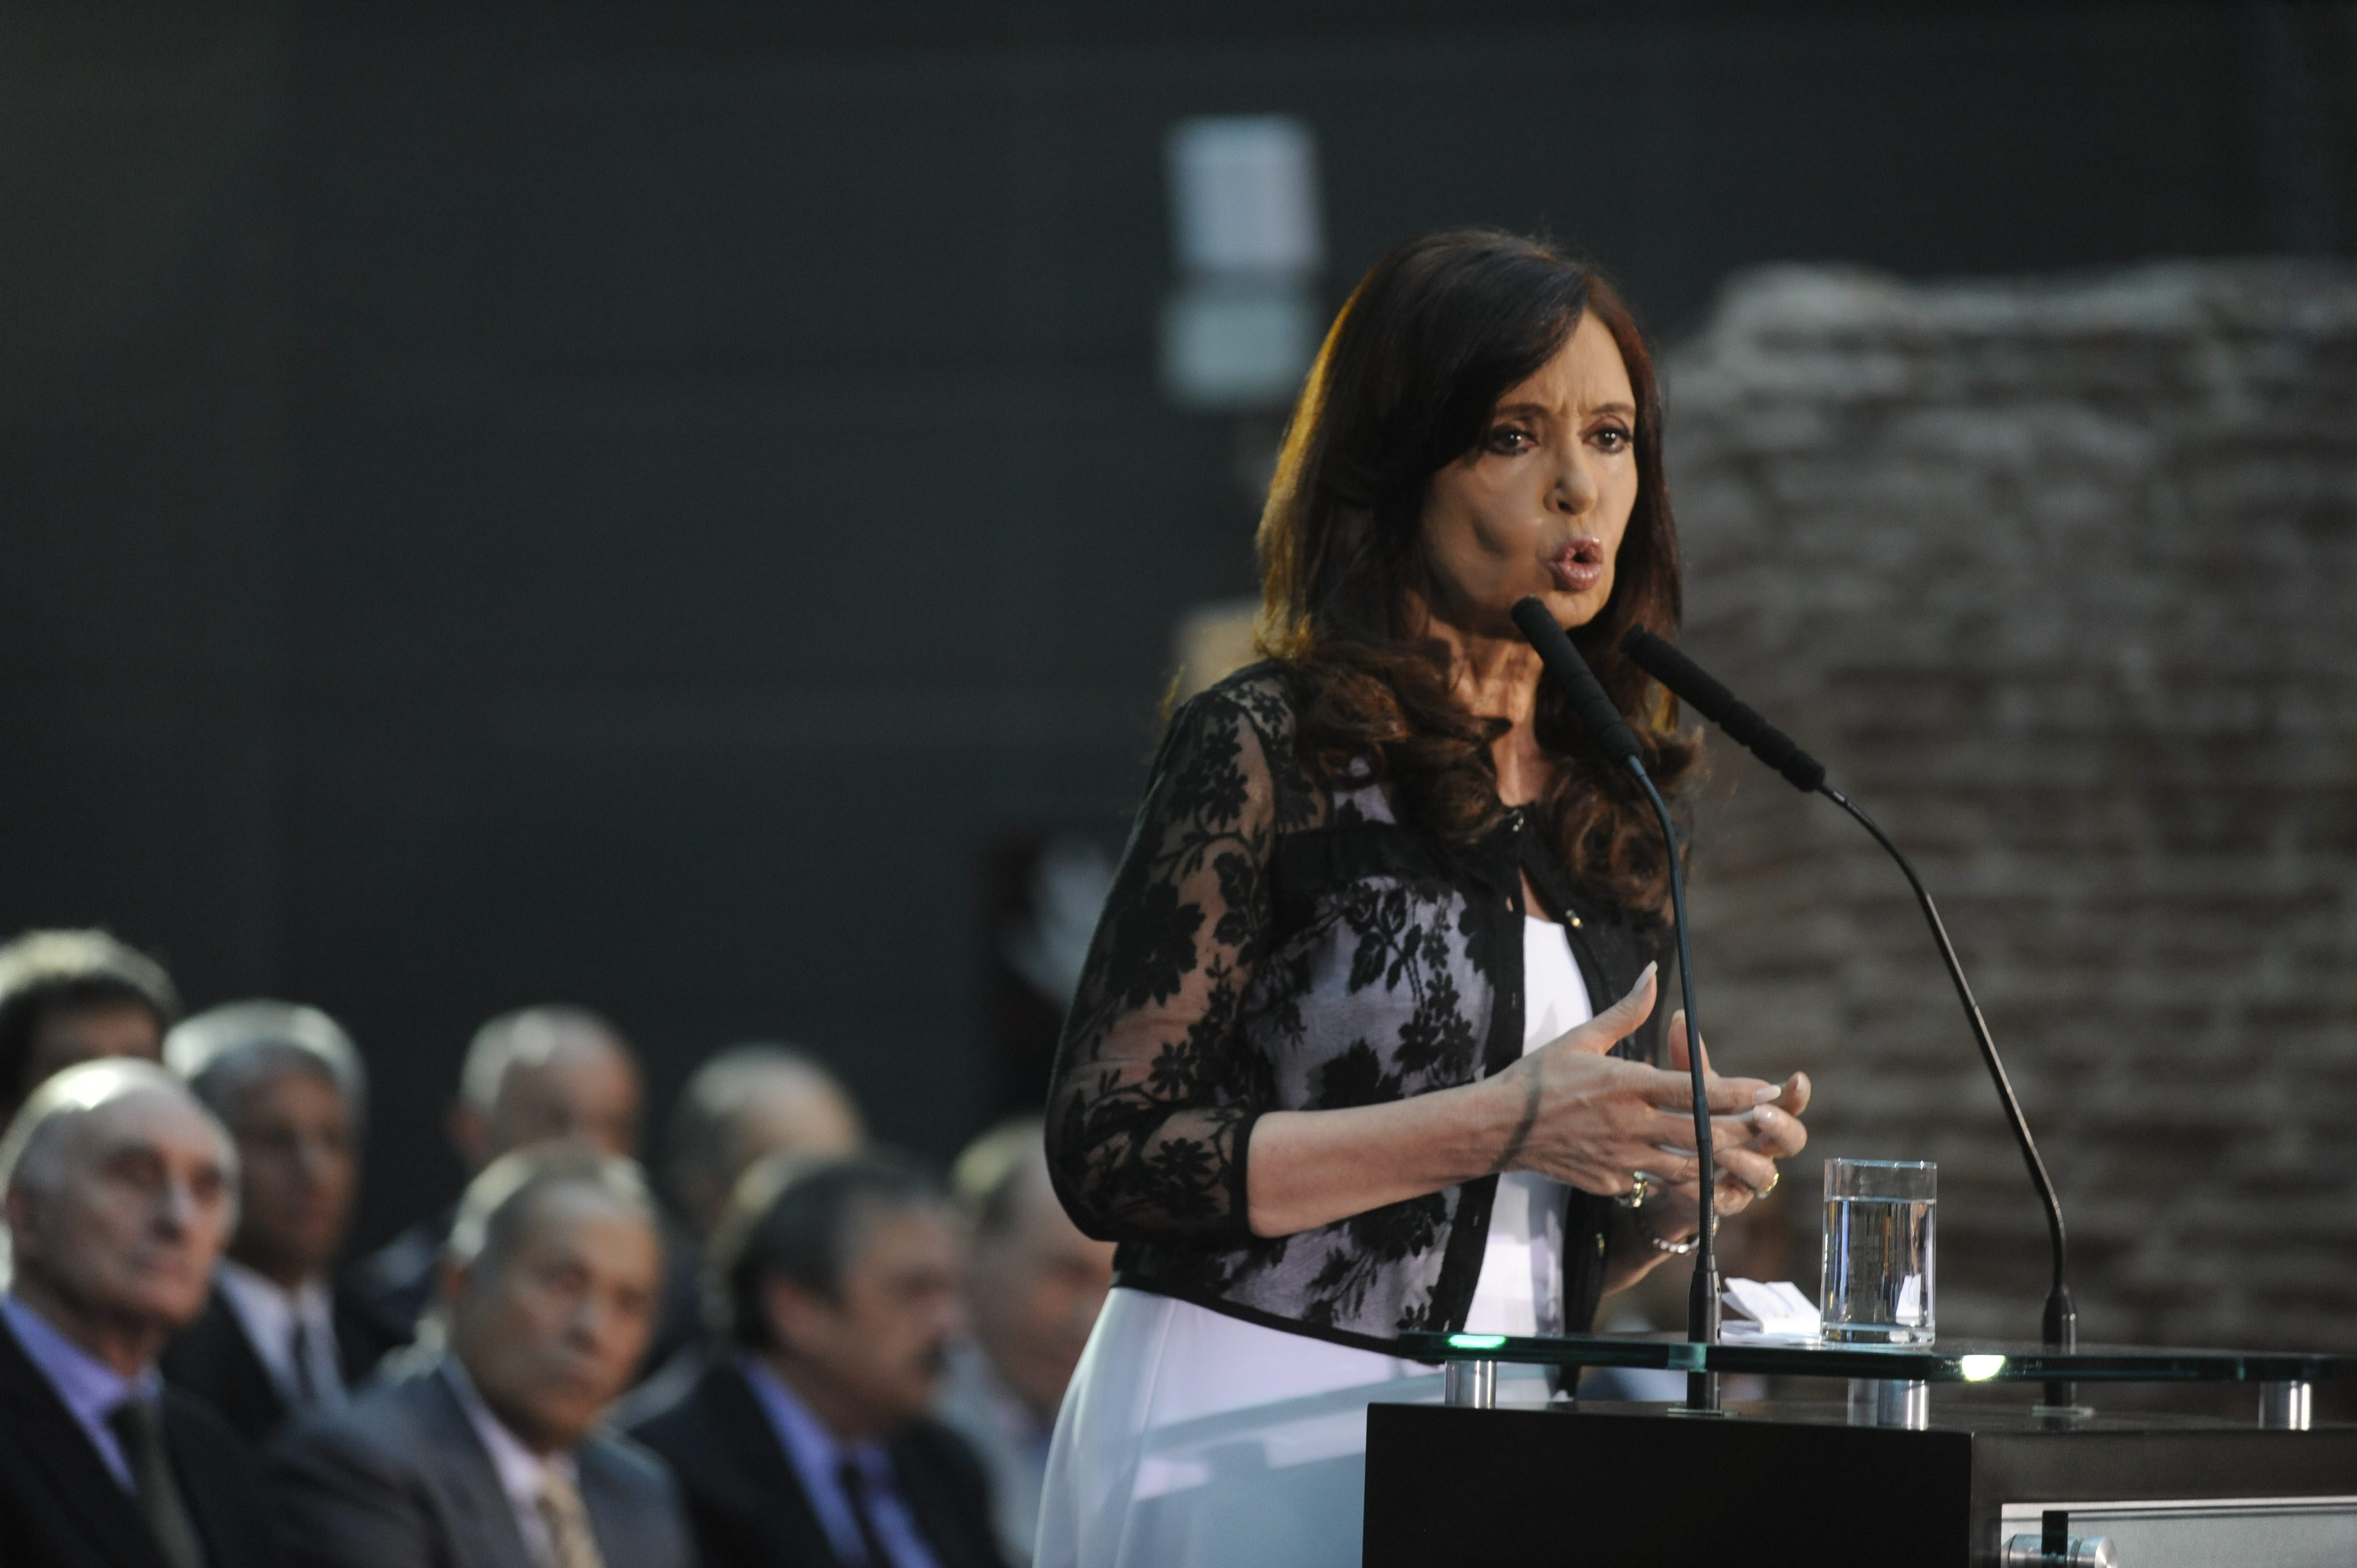 Cristina Fernández asegura que no se presentará a ningún cargo político tras su segundo mandato